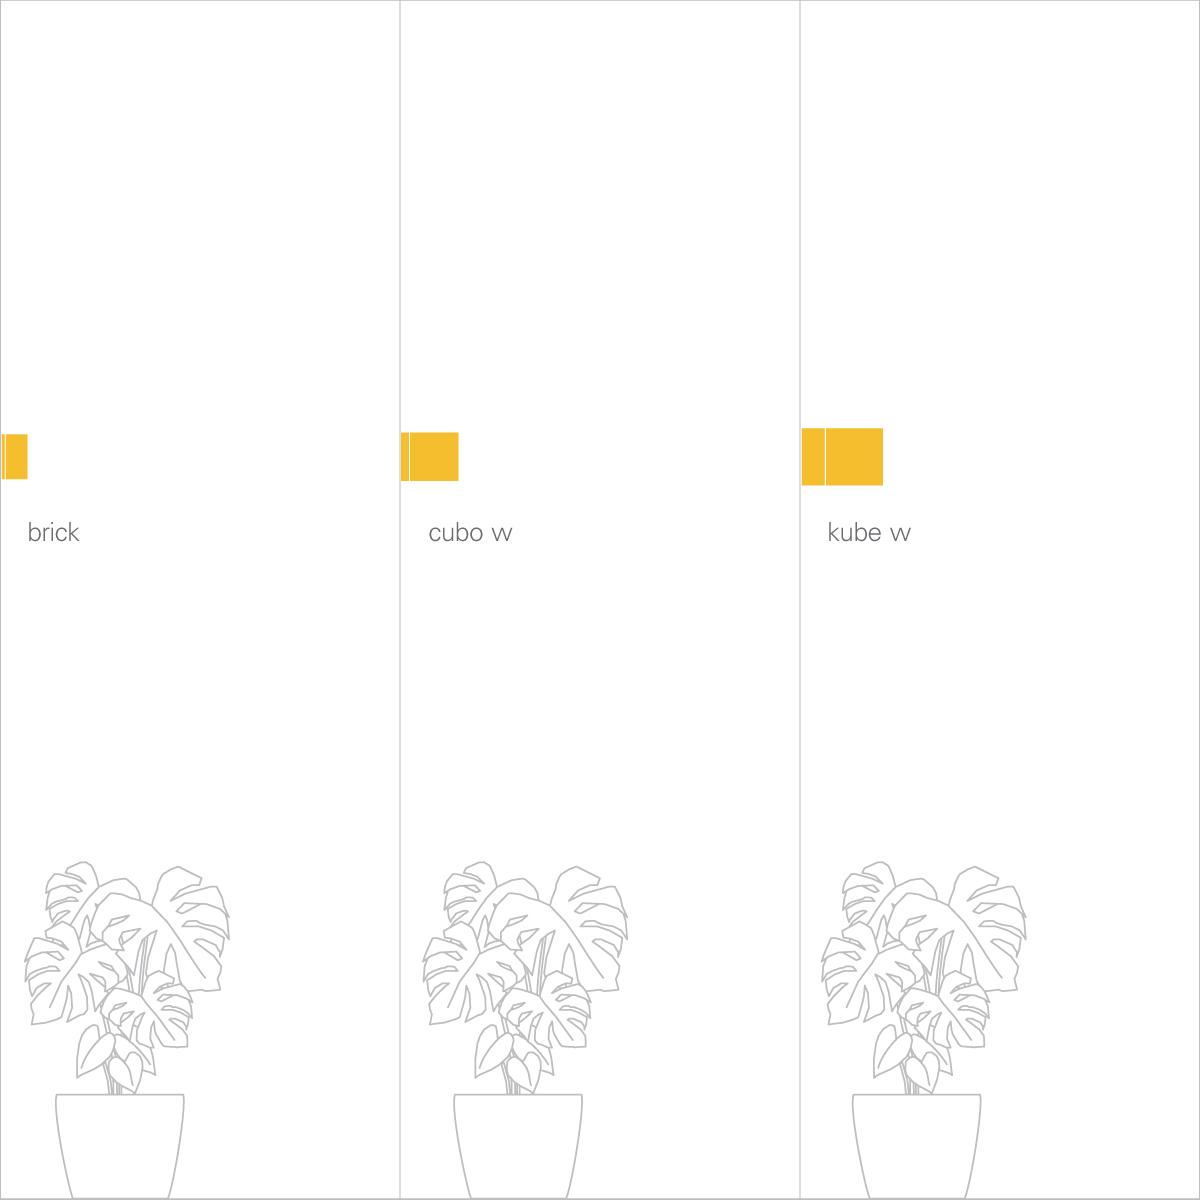 180528 arandelas comparativo 2